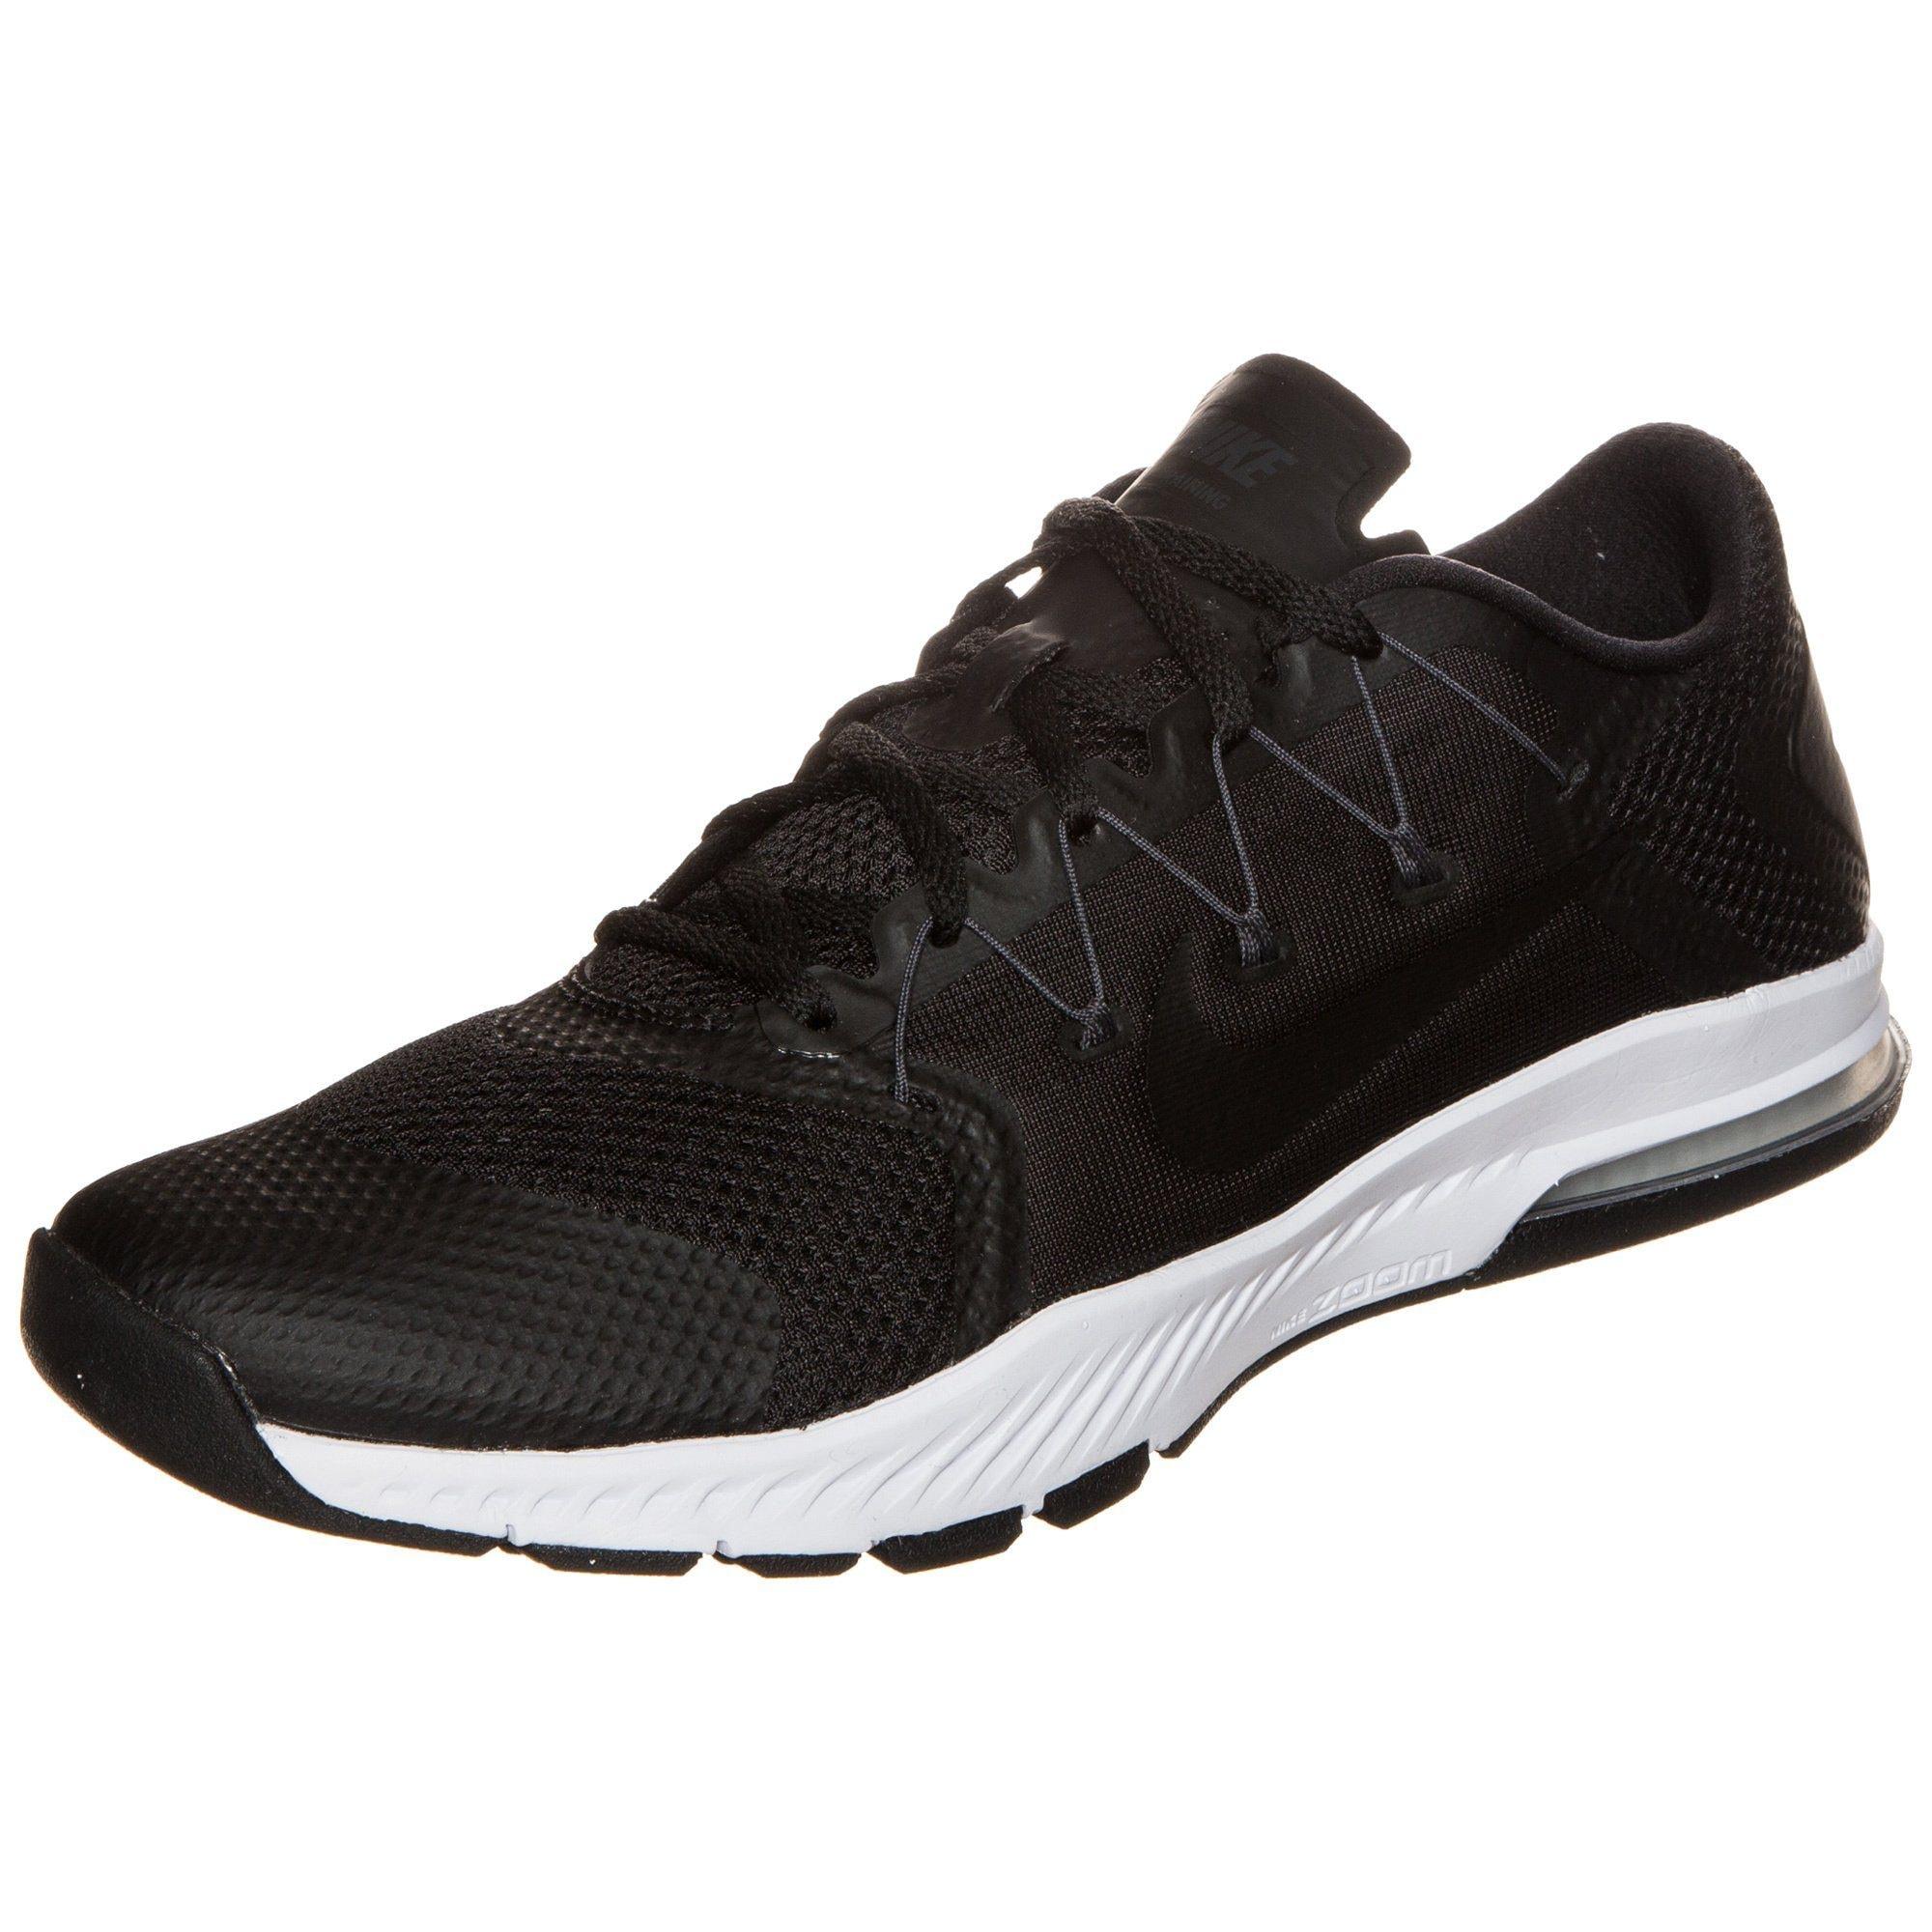 Kaufen Authentic Nike DamenHerren Wmns Air Zoom Pegasus 33